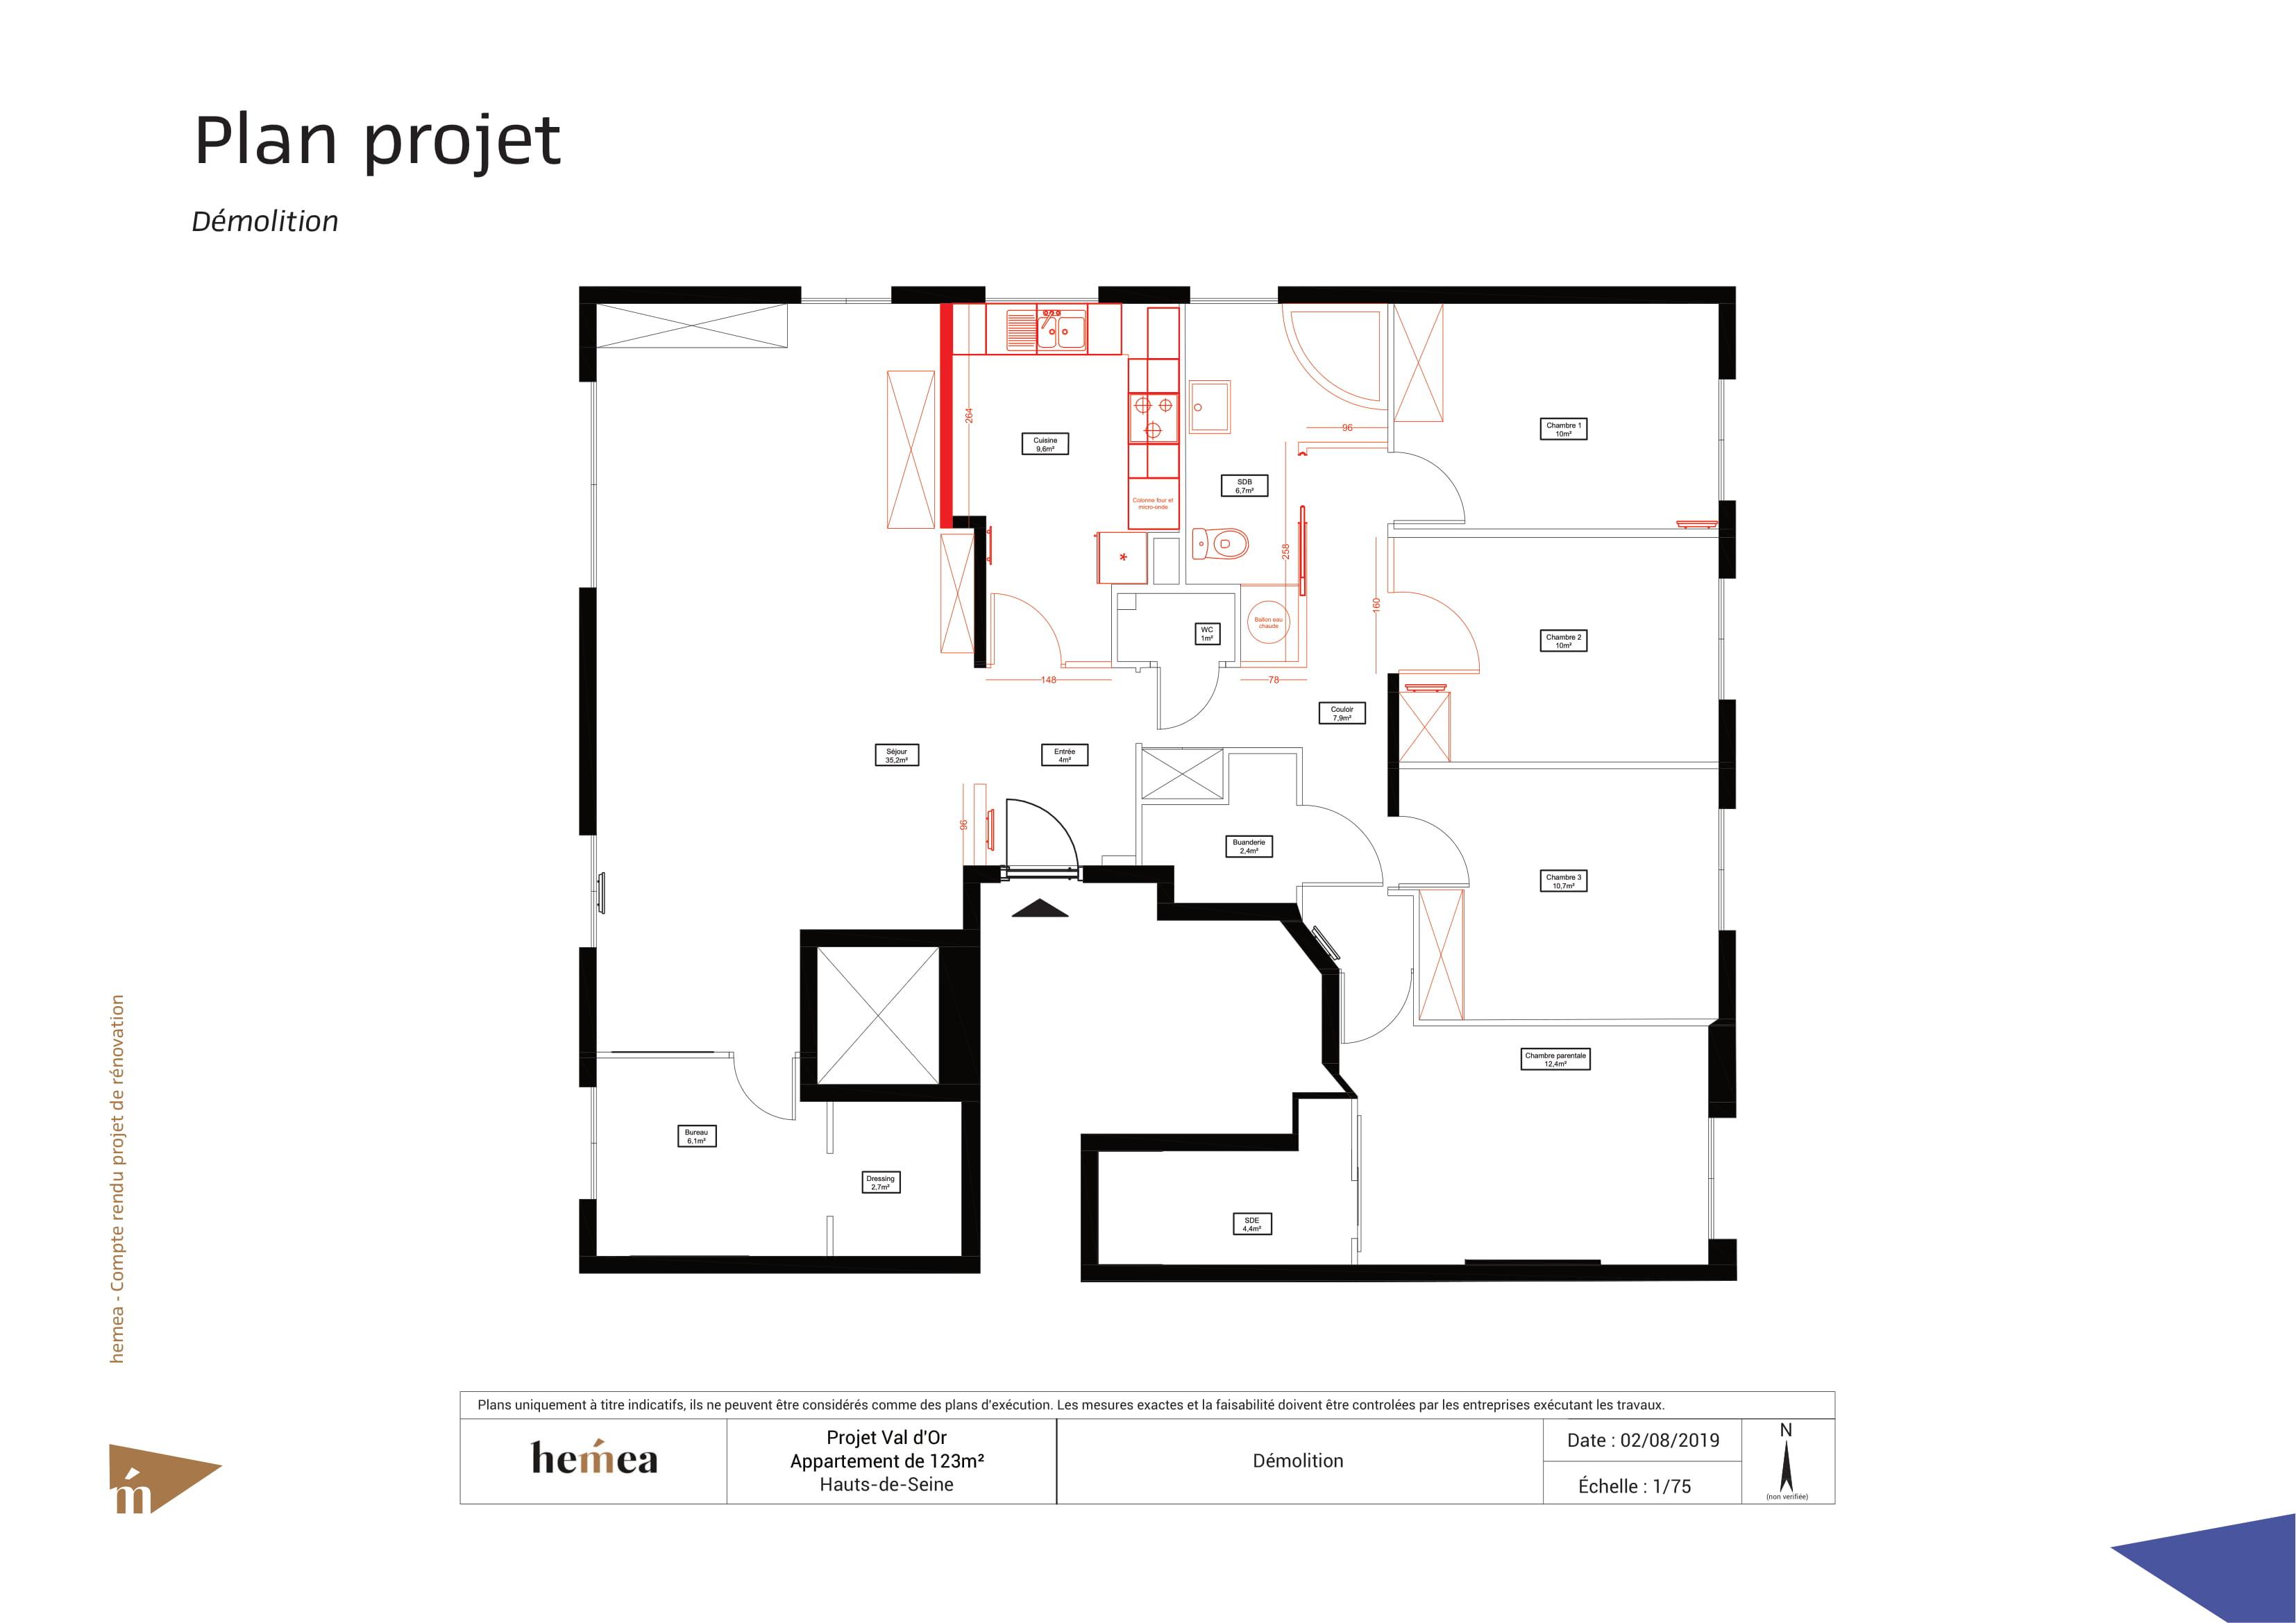 démolition plan projet